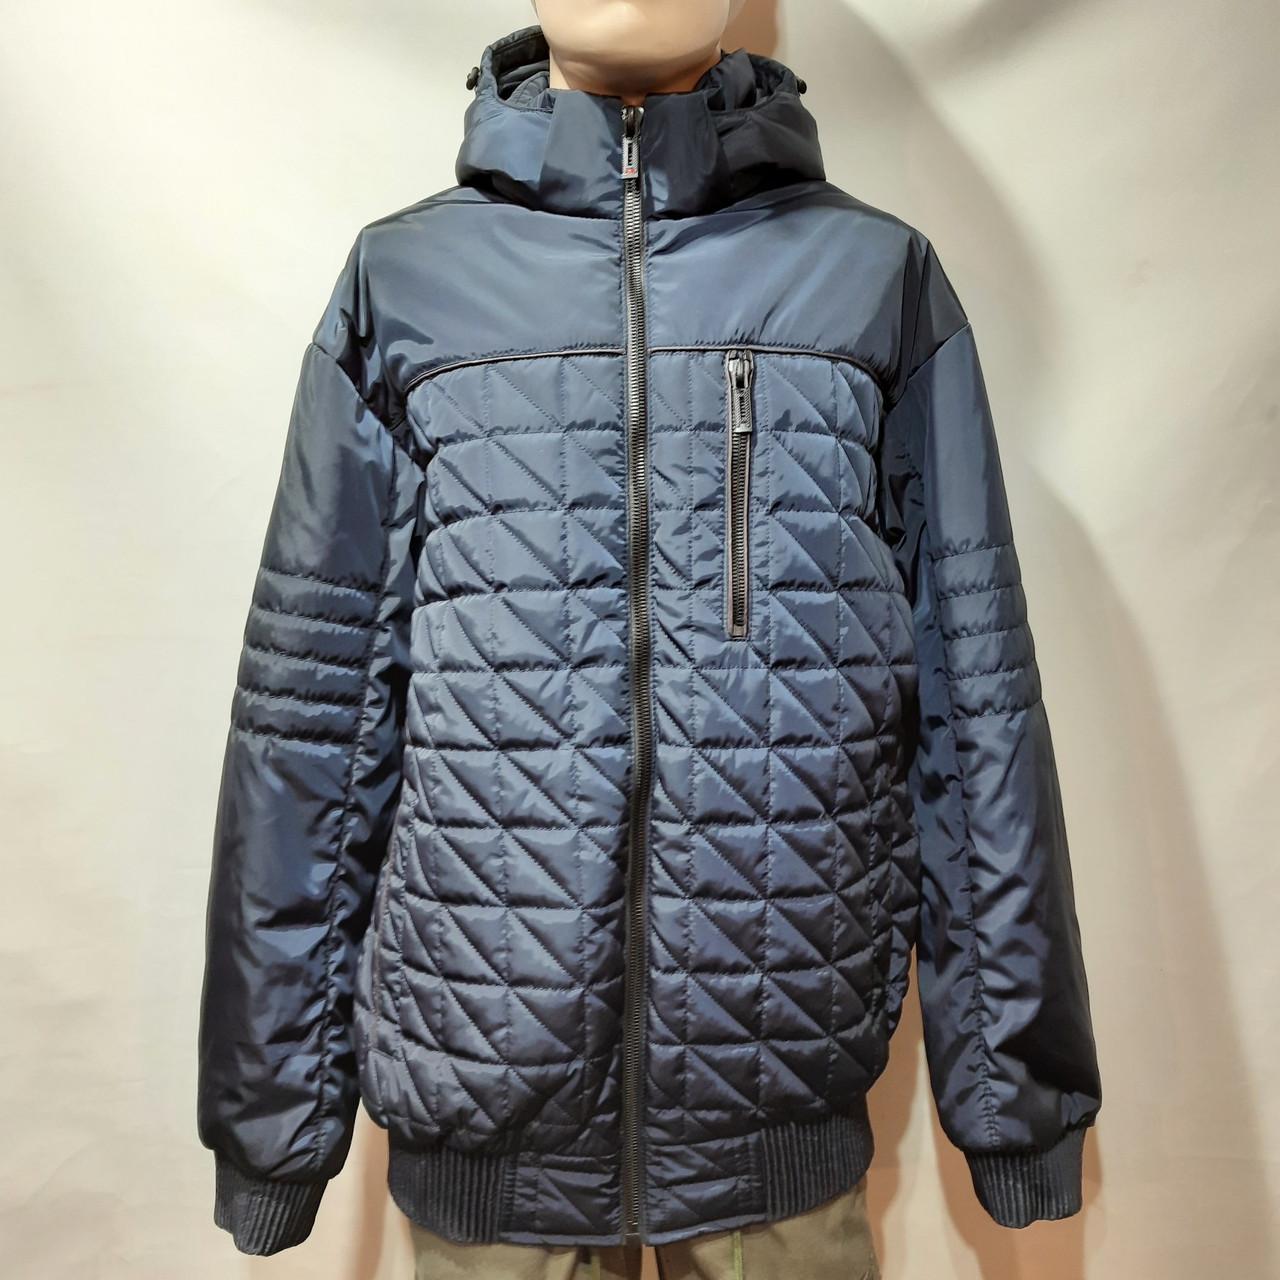 Чоловіча куртка весняна (Великих розмірів) демісезонна класична темно синя